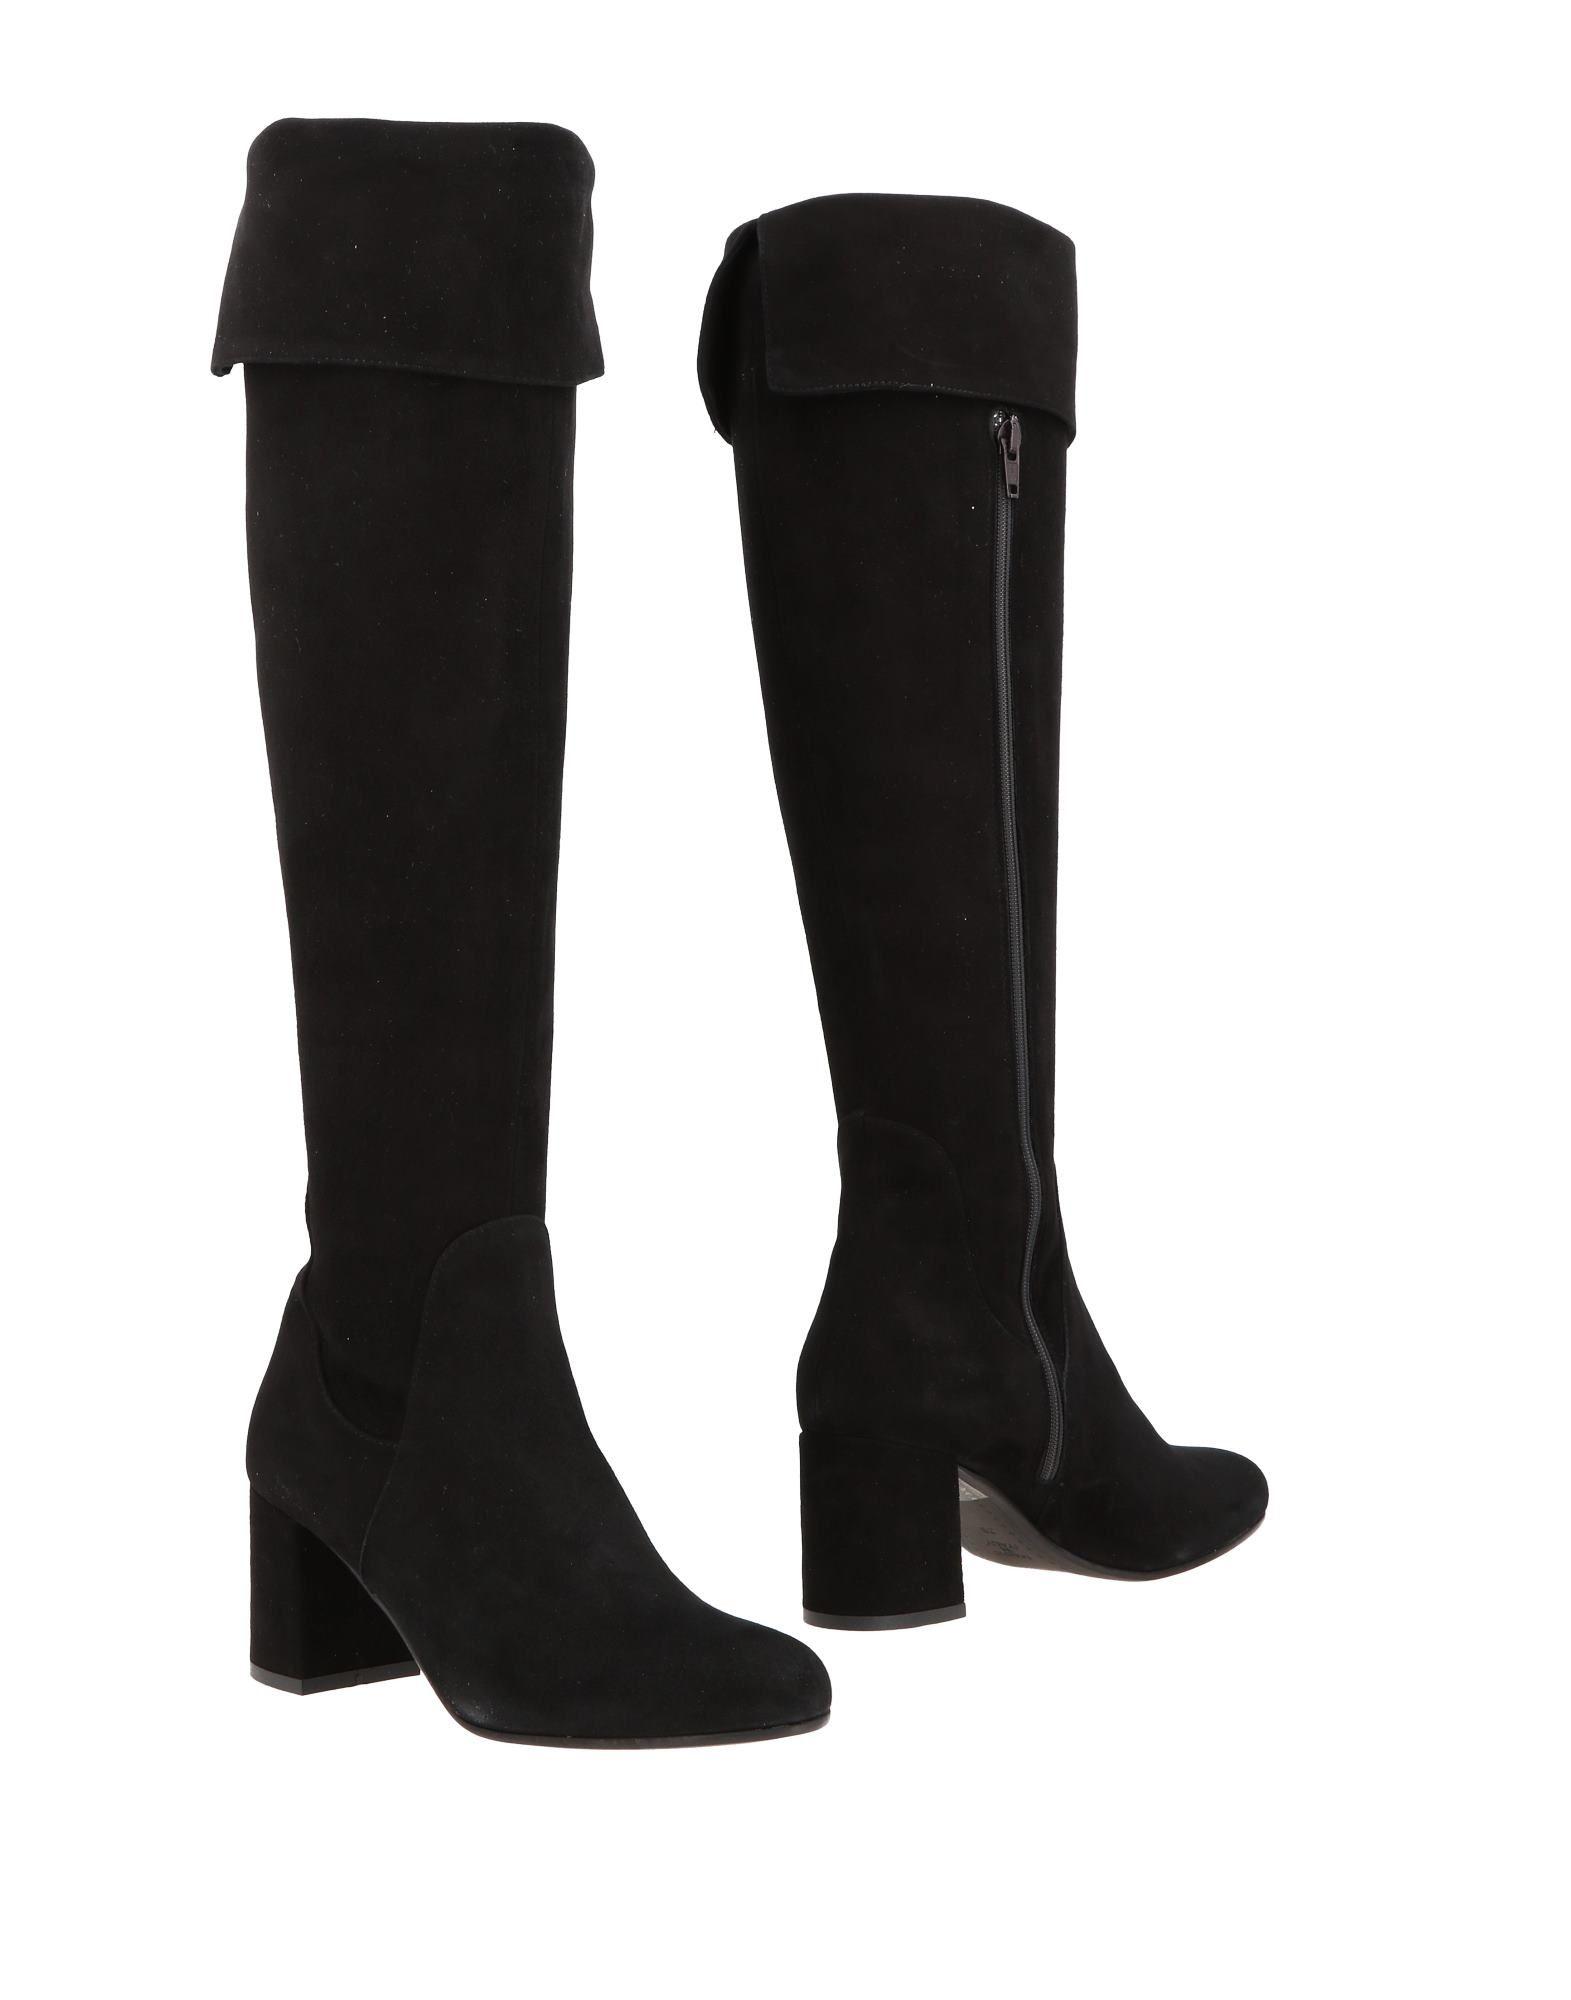 L'amour Stiefel Damen  Qualität 11493373SJ Gute Qualität  beliebte Schuhe 277b36